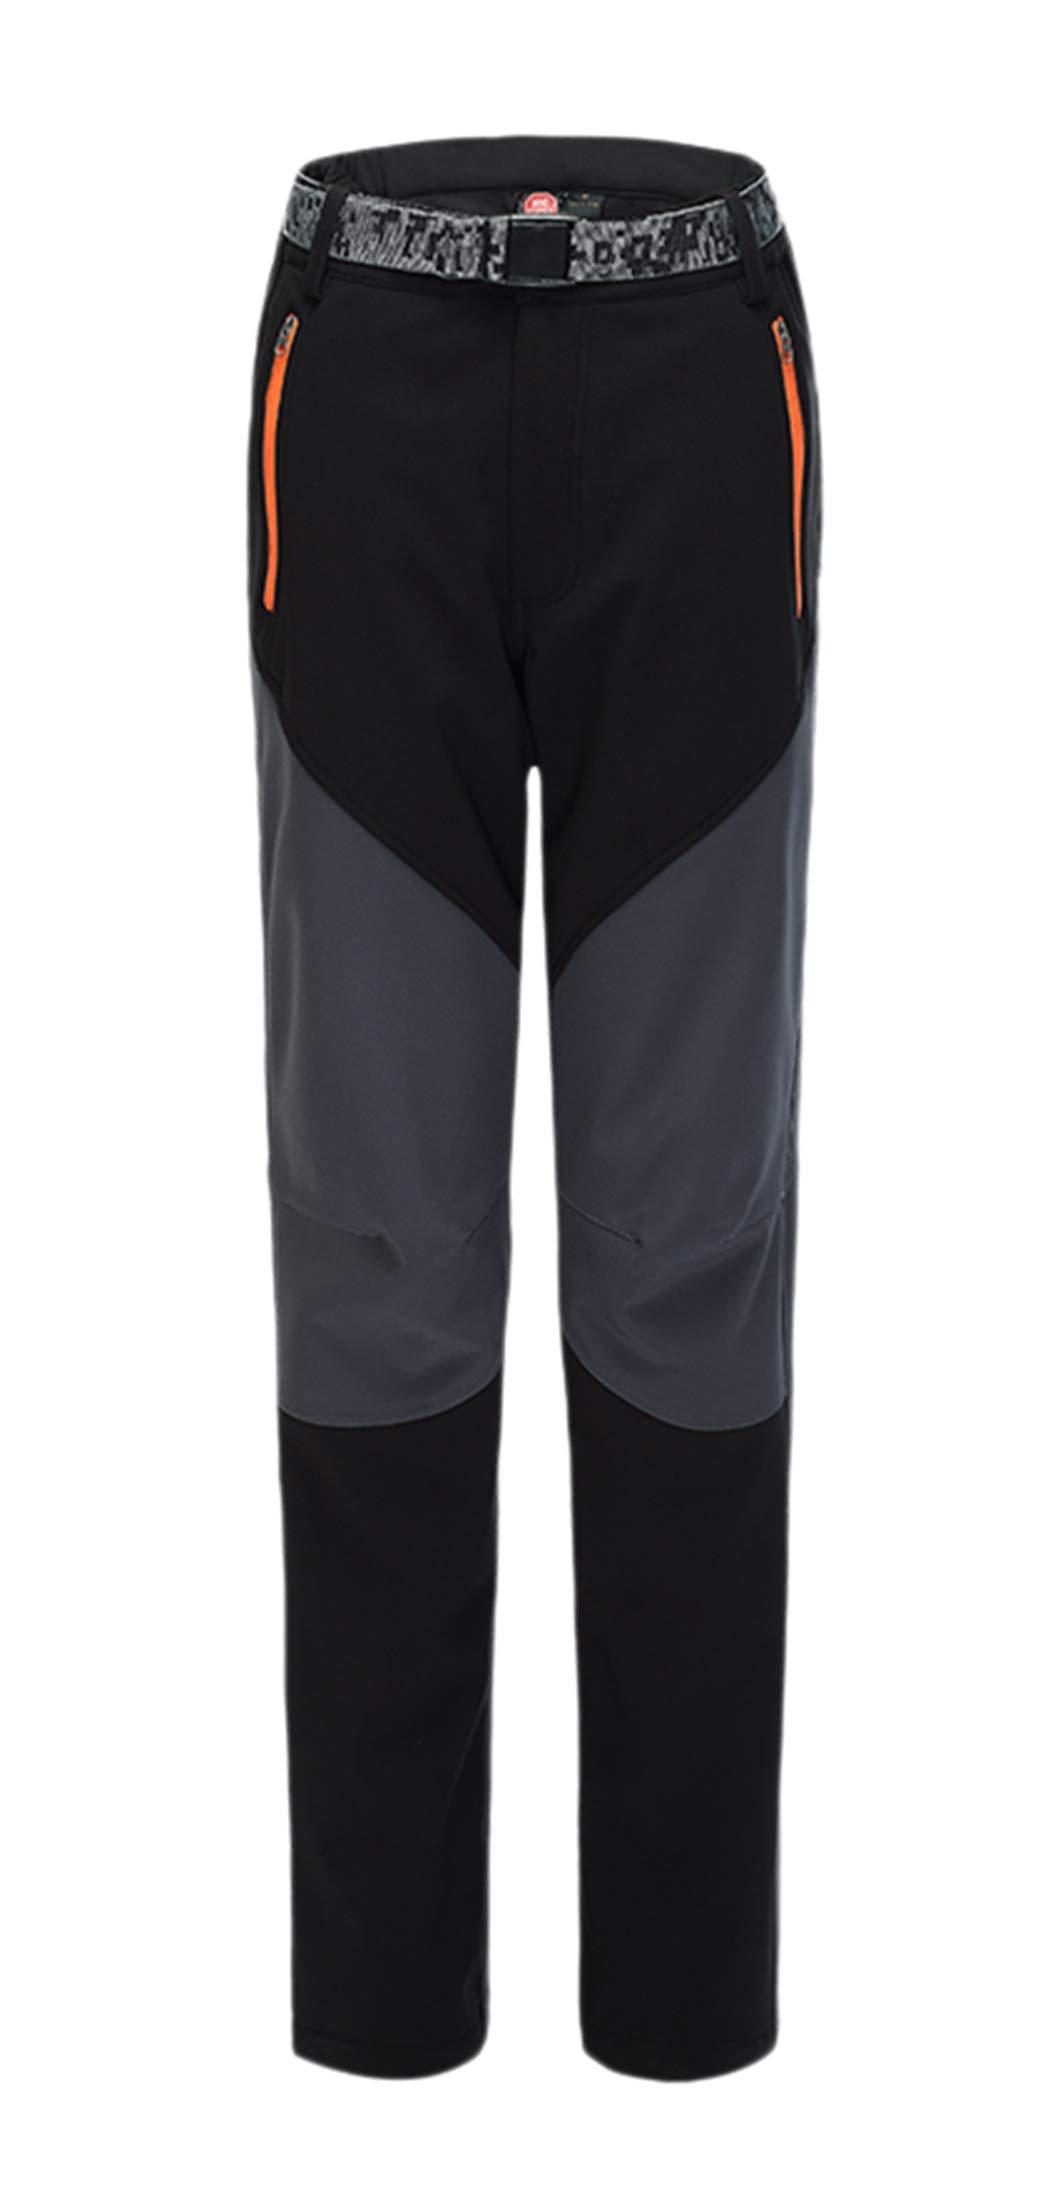 CATERTO Women's Outdoor Windproof Waterproof Softshell Fleece Snow Pants Black S by CATERTO